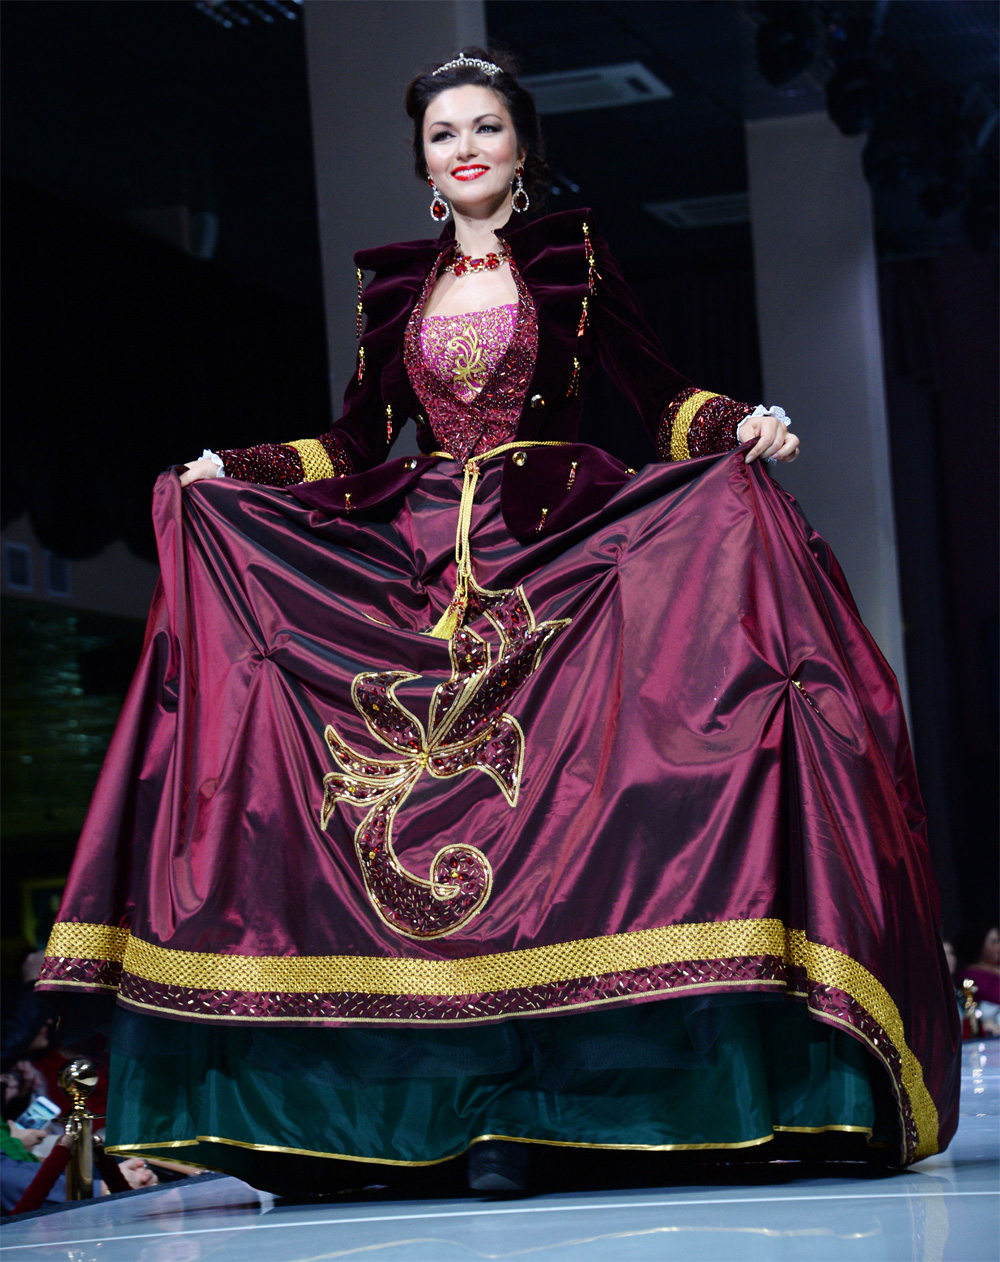 Юлия Такшина демонстрирует коллекцию одежды Лоры Сухаренко «Царская охота».